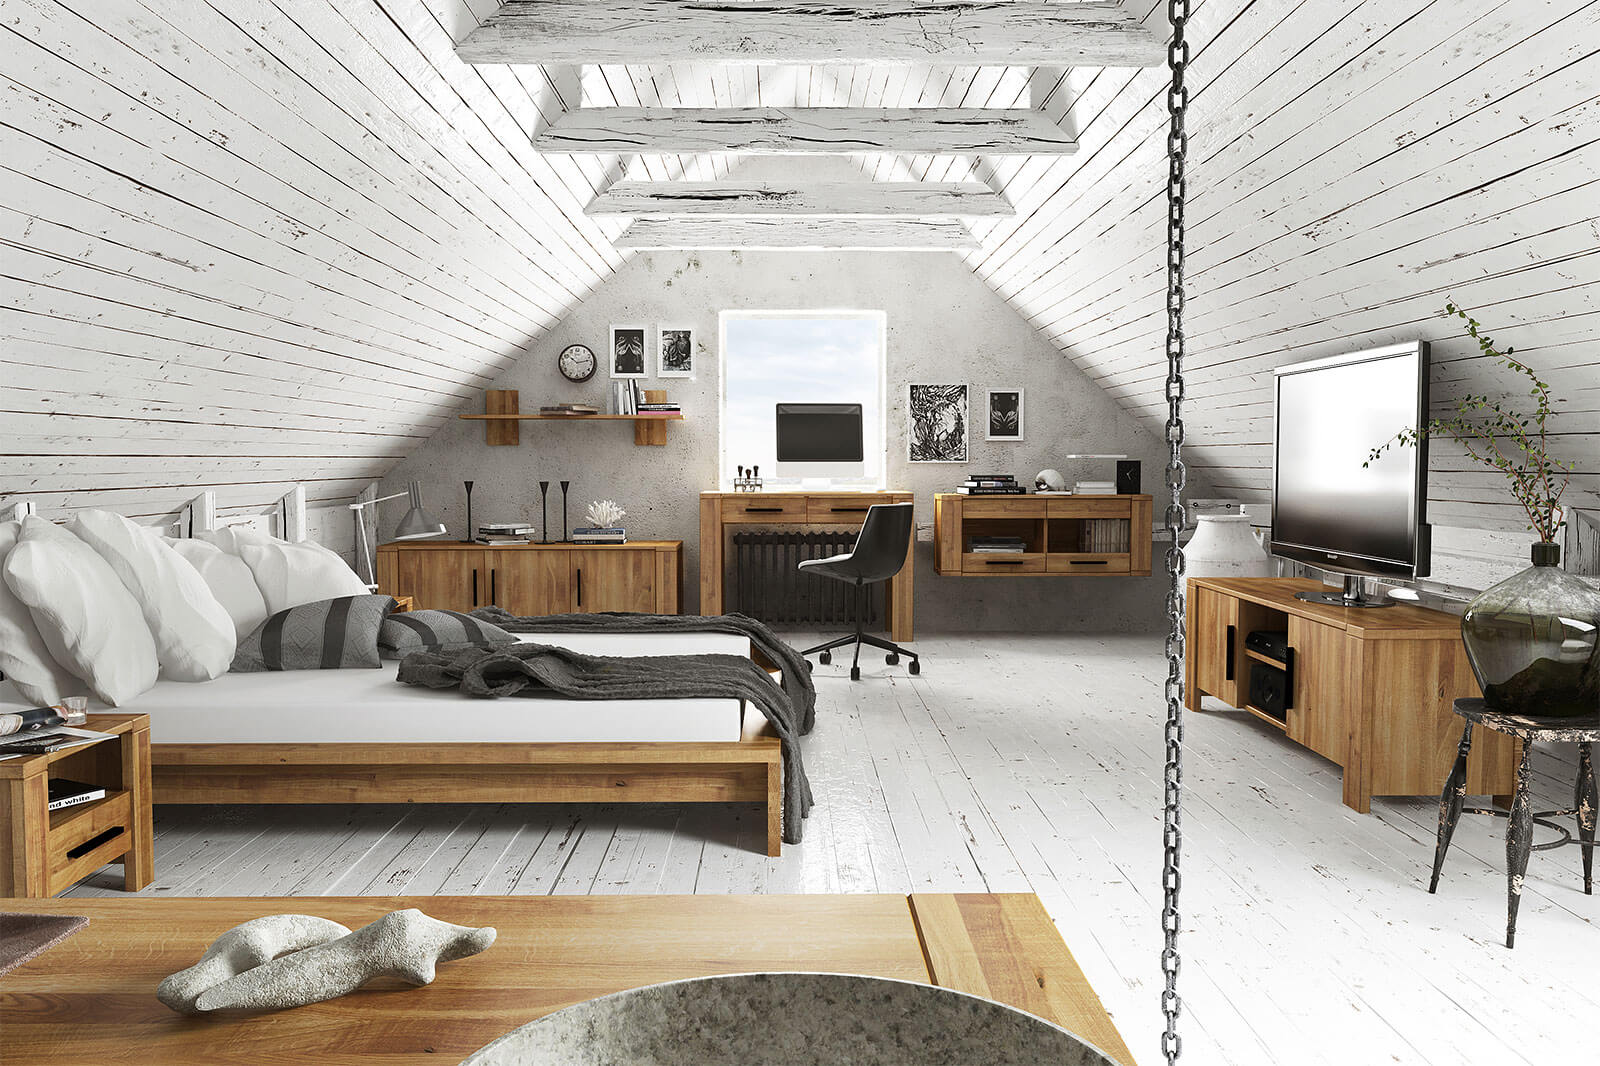 Sypialnia w stylu rustykalnym z drewnianymi meblami